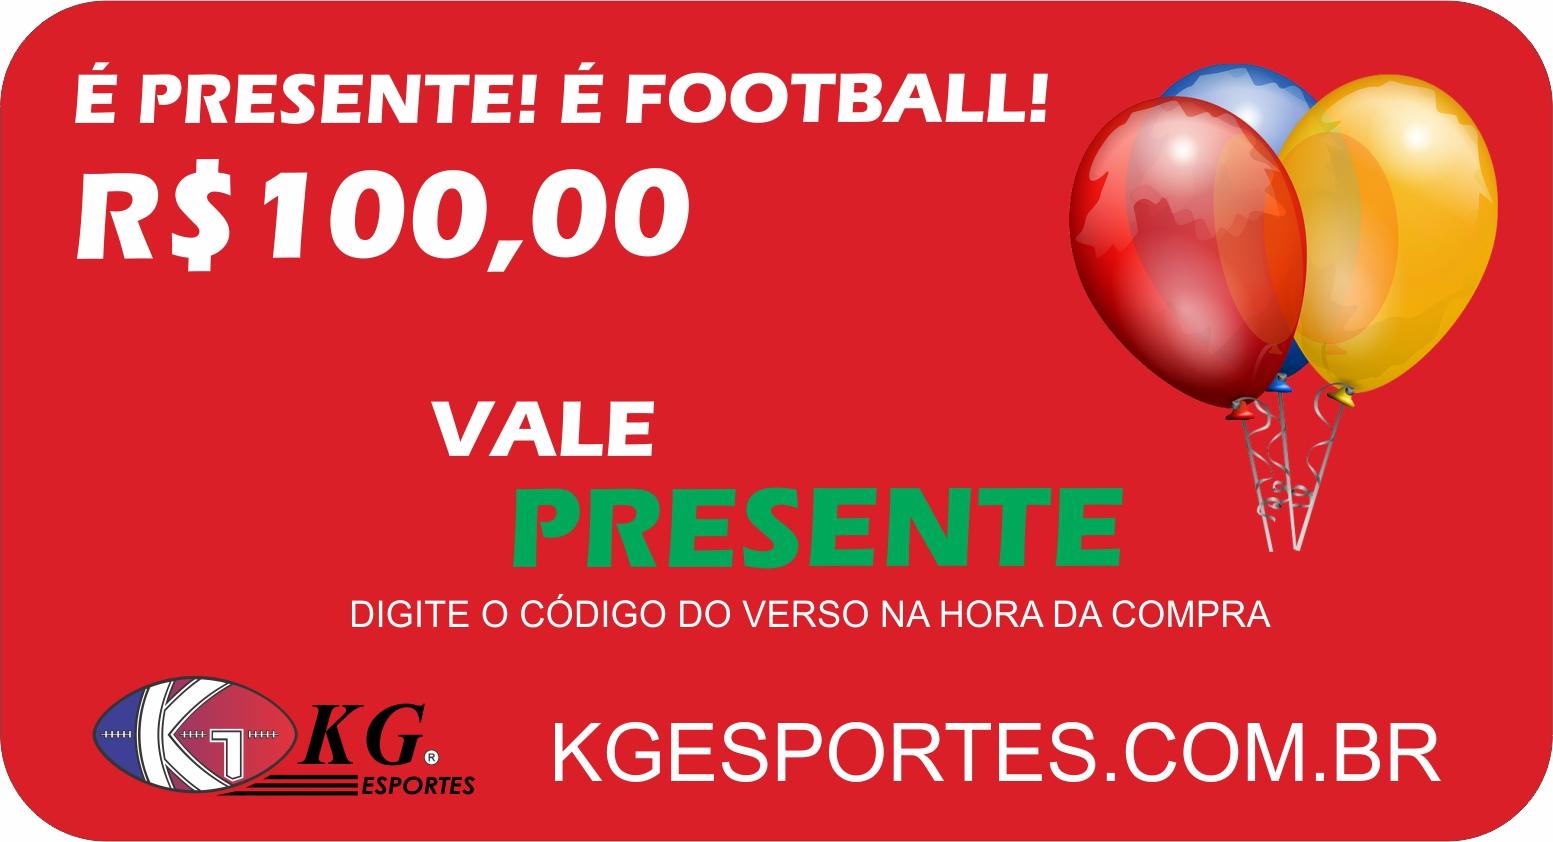 Vale-presente KG Esportes (R$ 100,00)